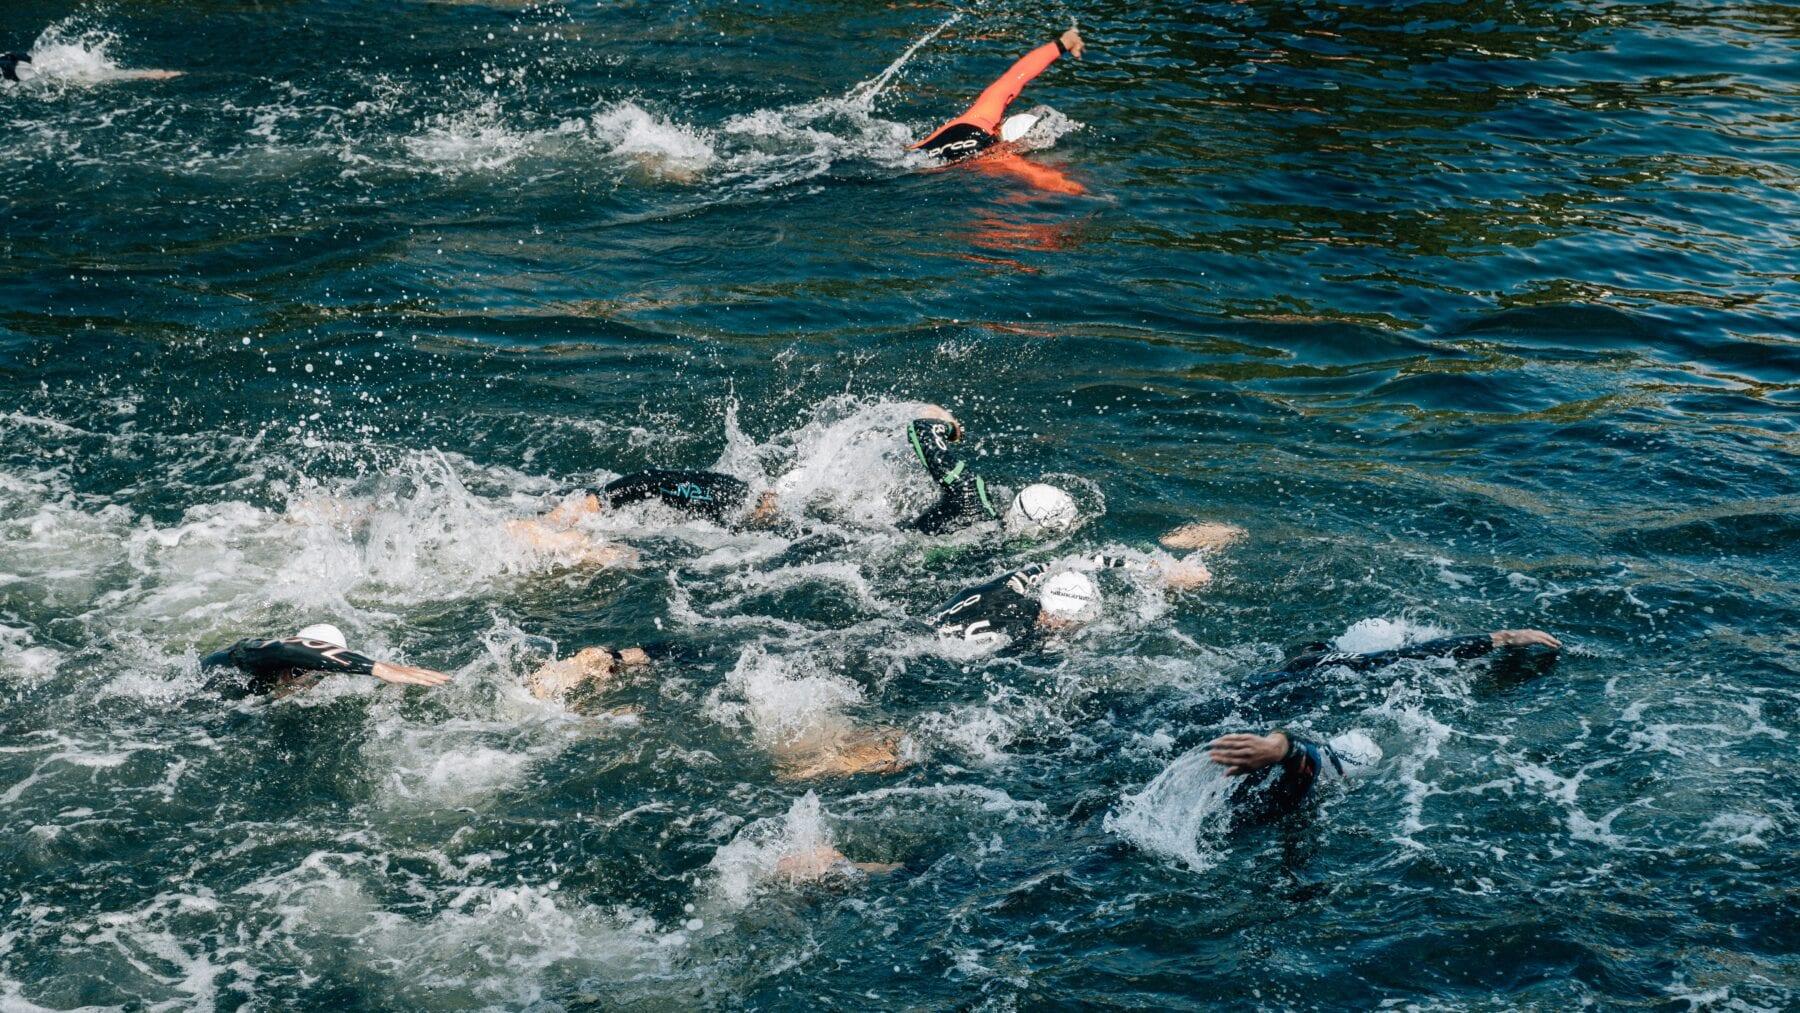 Buitenwater zwemwedstrijd